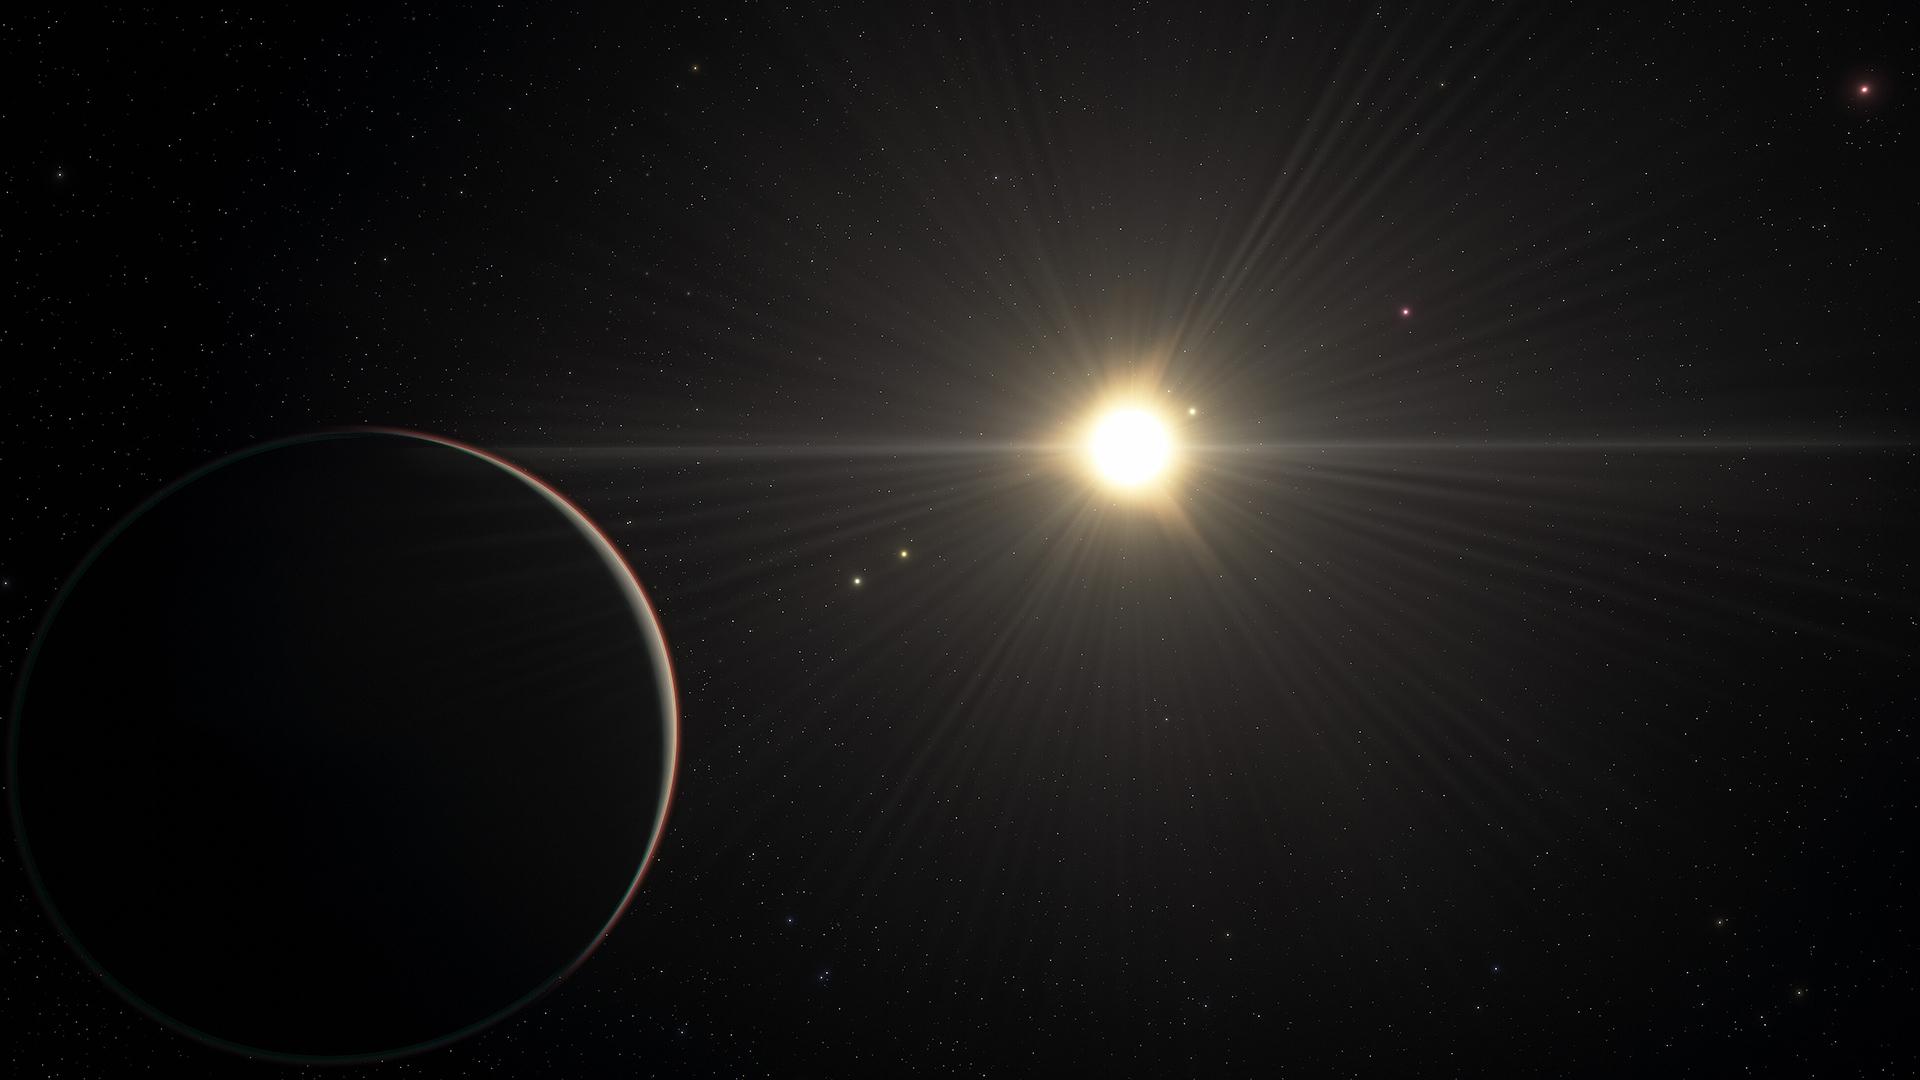 Sistema de seis exoplanetas desafia teorias de formação planetária